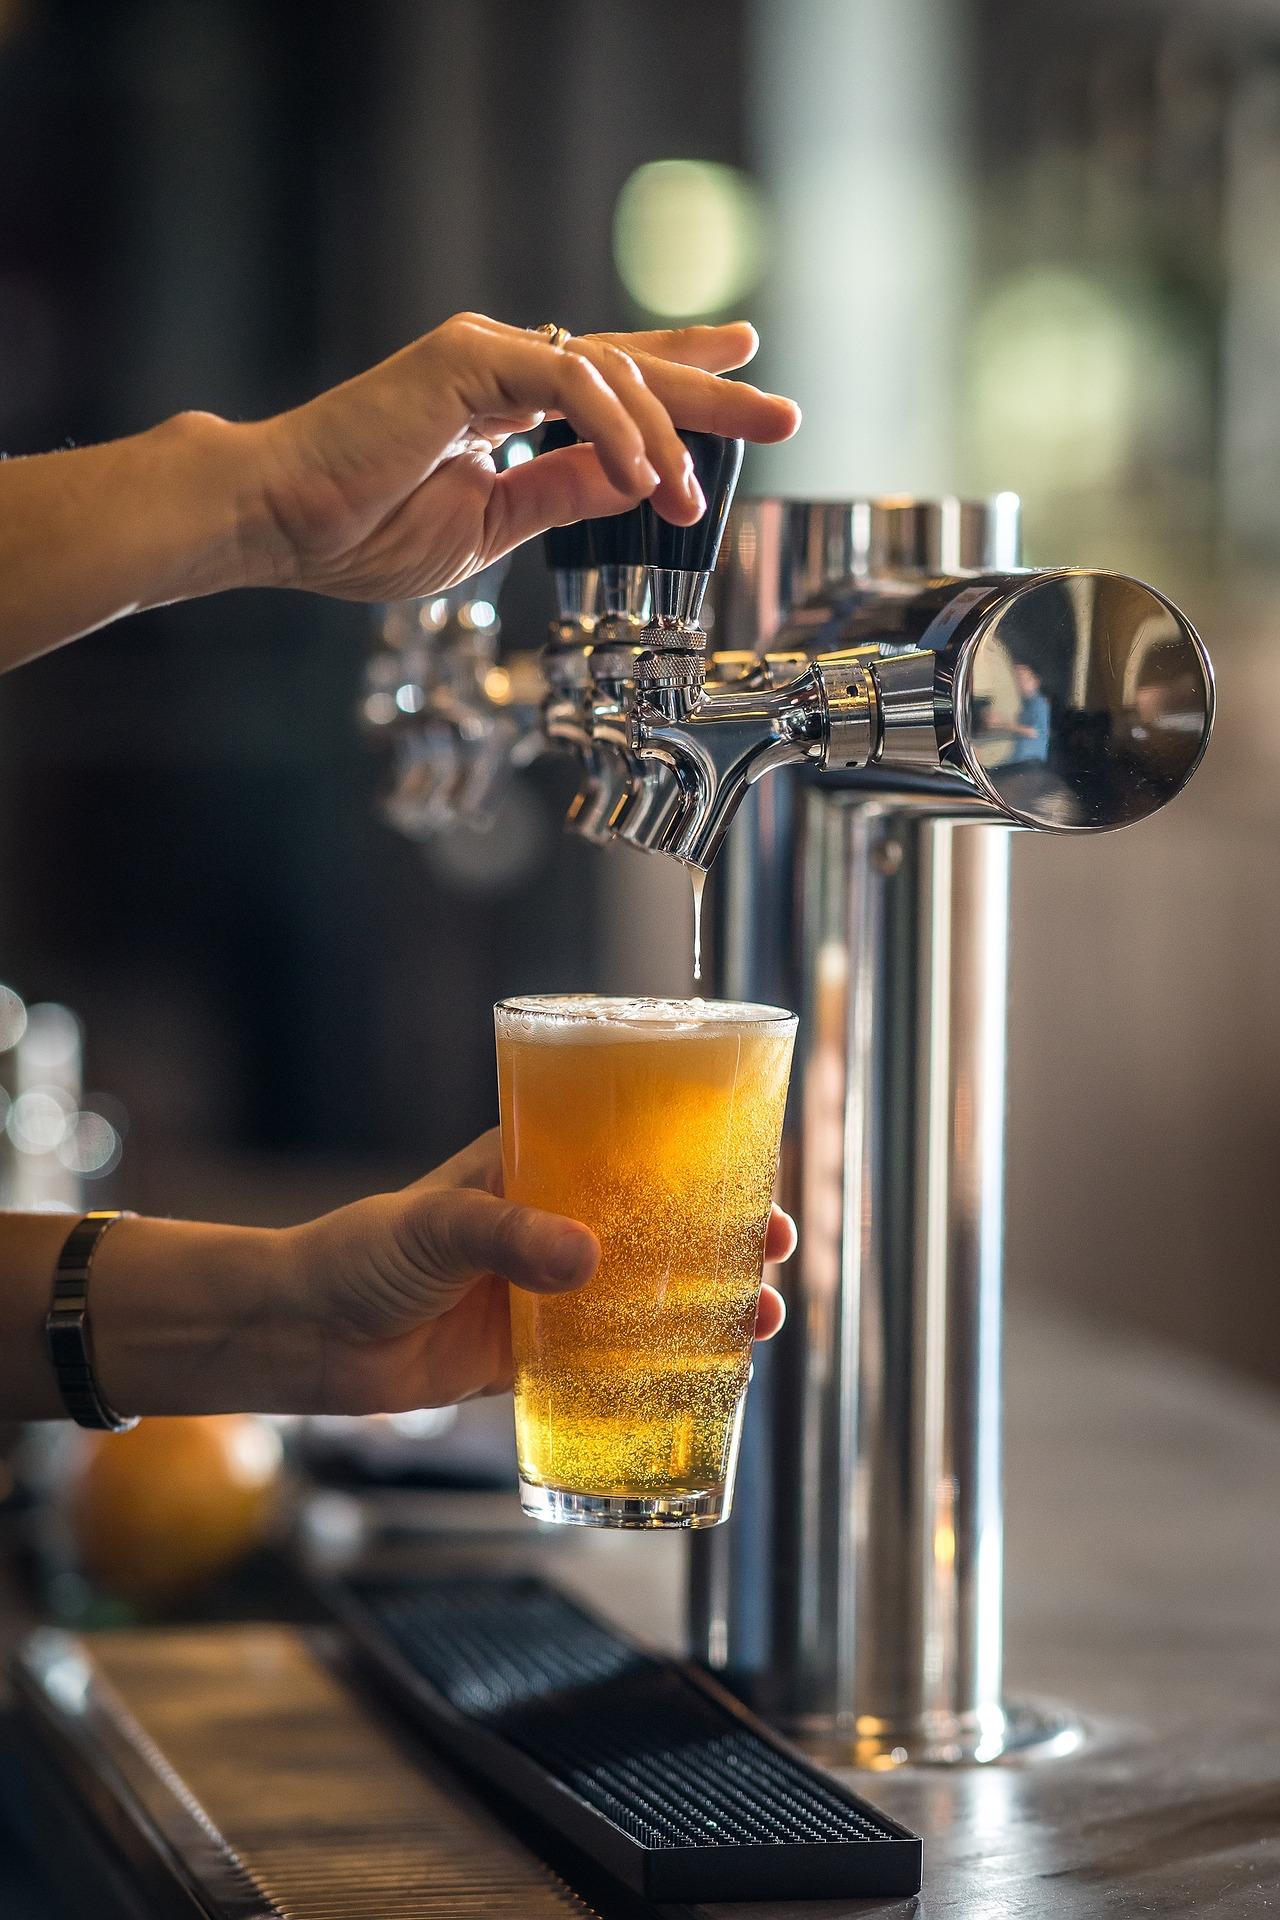 beer-1218742_1920.jpg